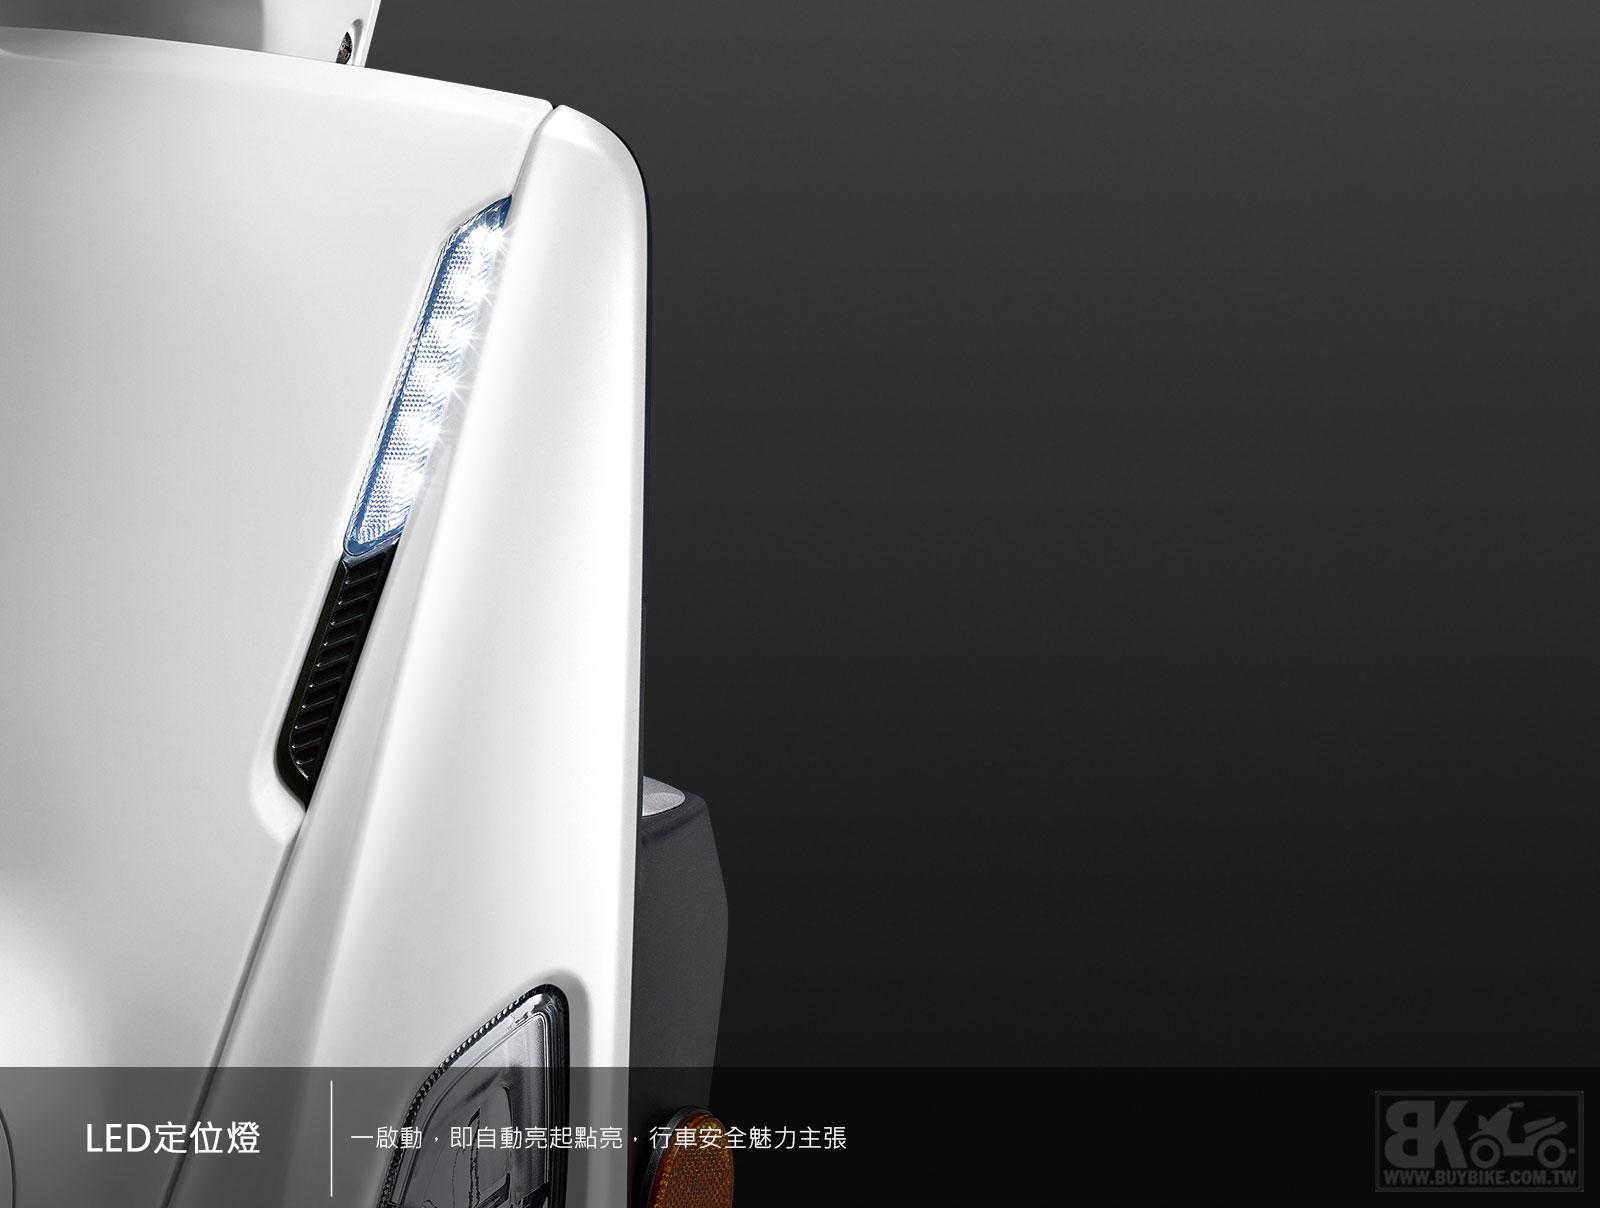 04.LED定位燈